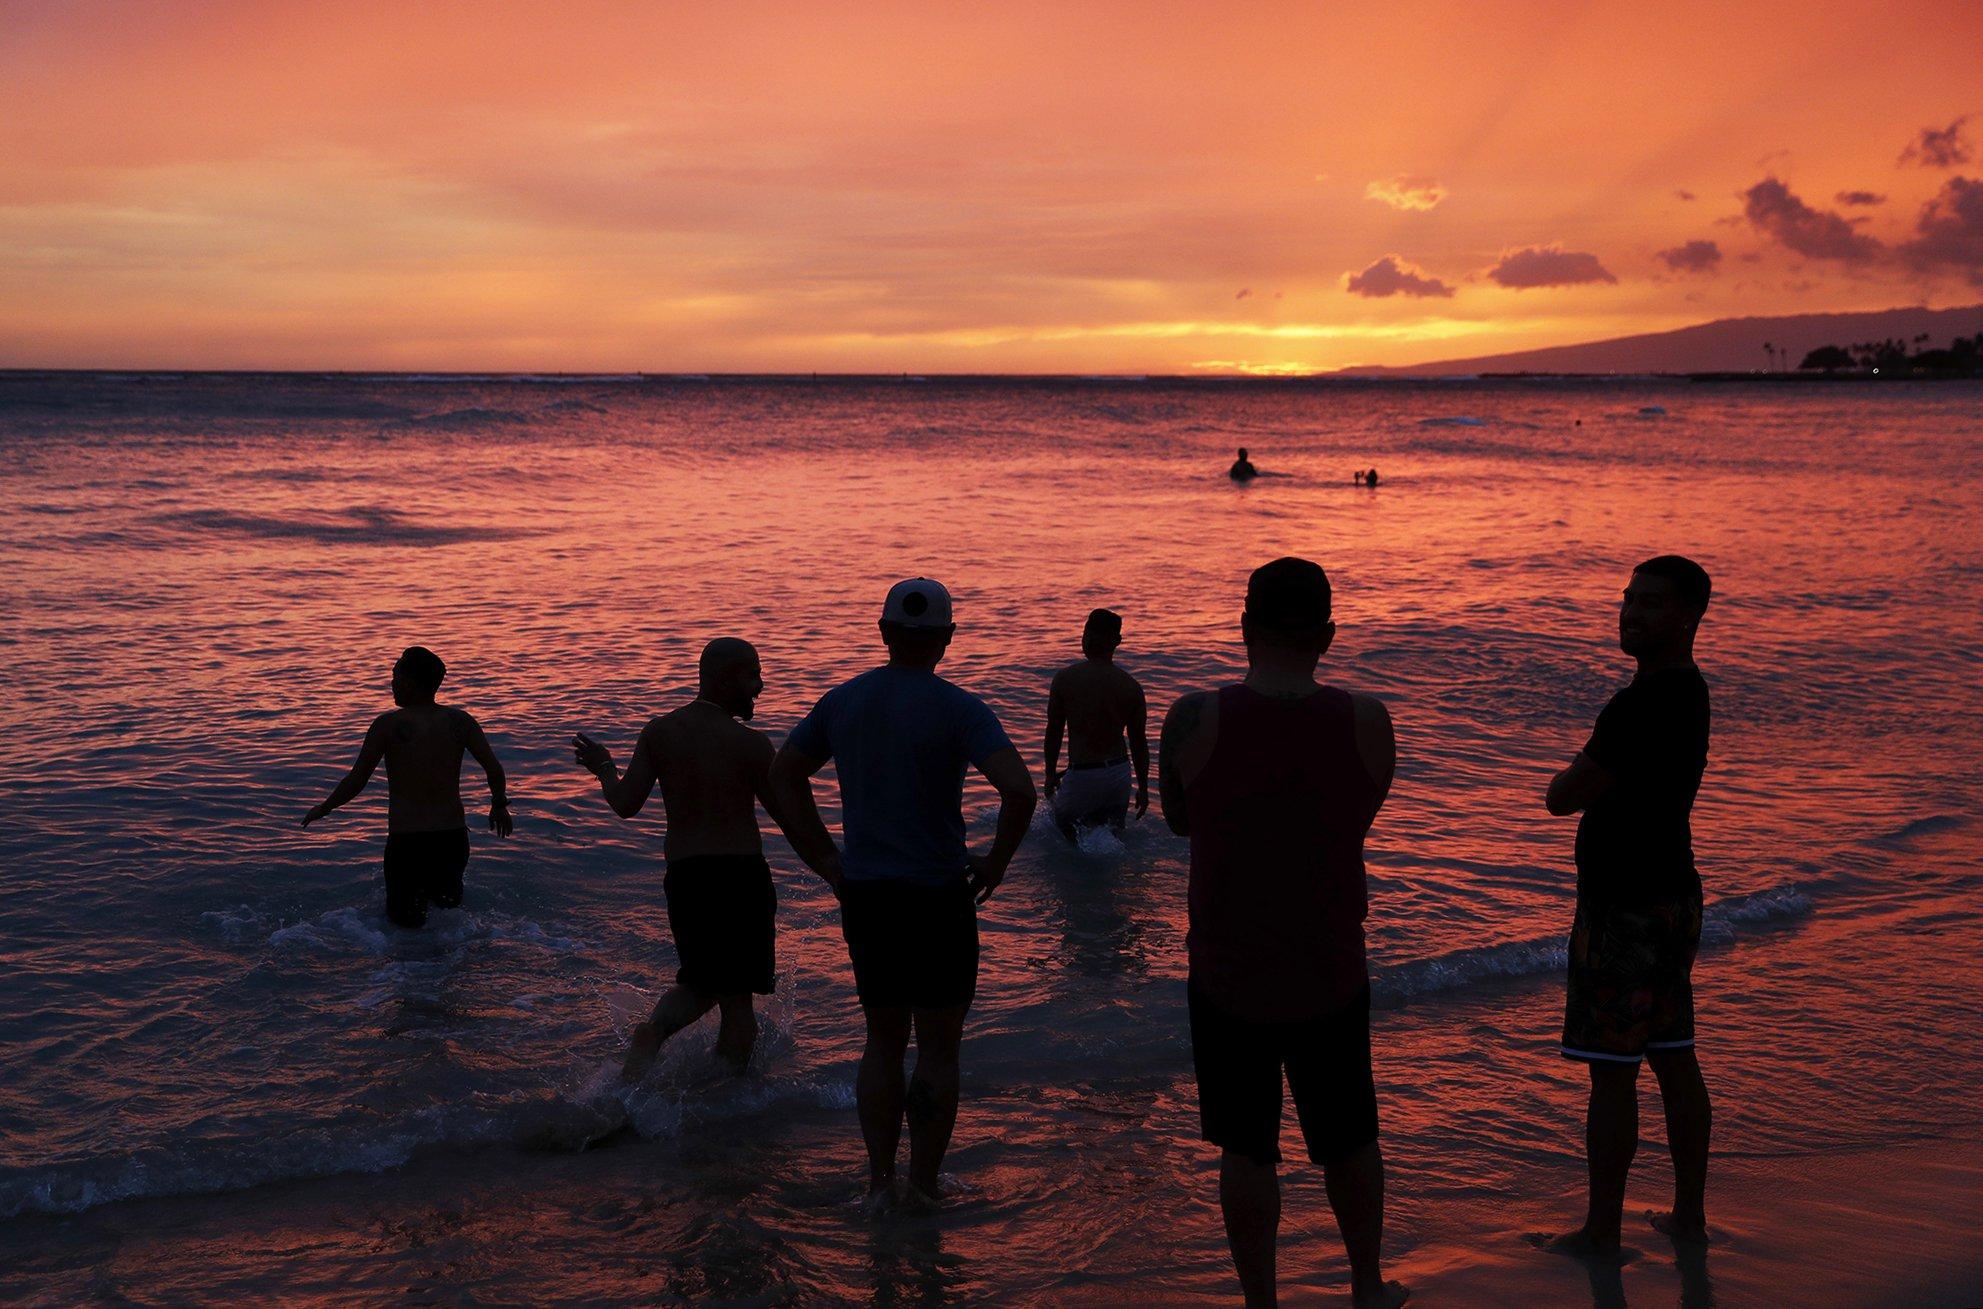 Environmental-Photos-August-Hurricane-Lane-Hawaii.jpg